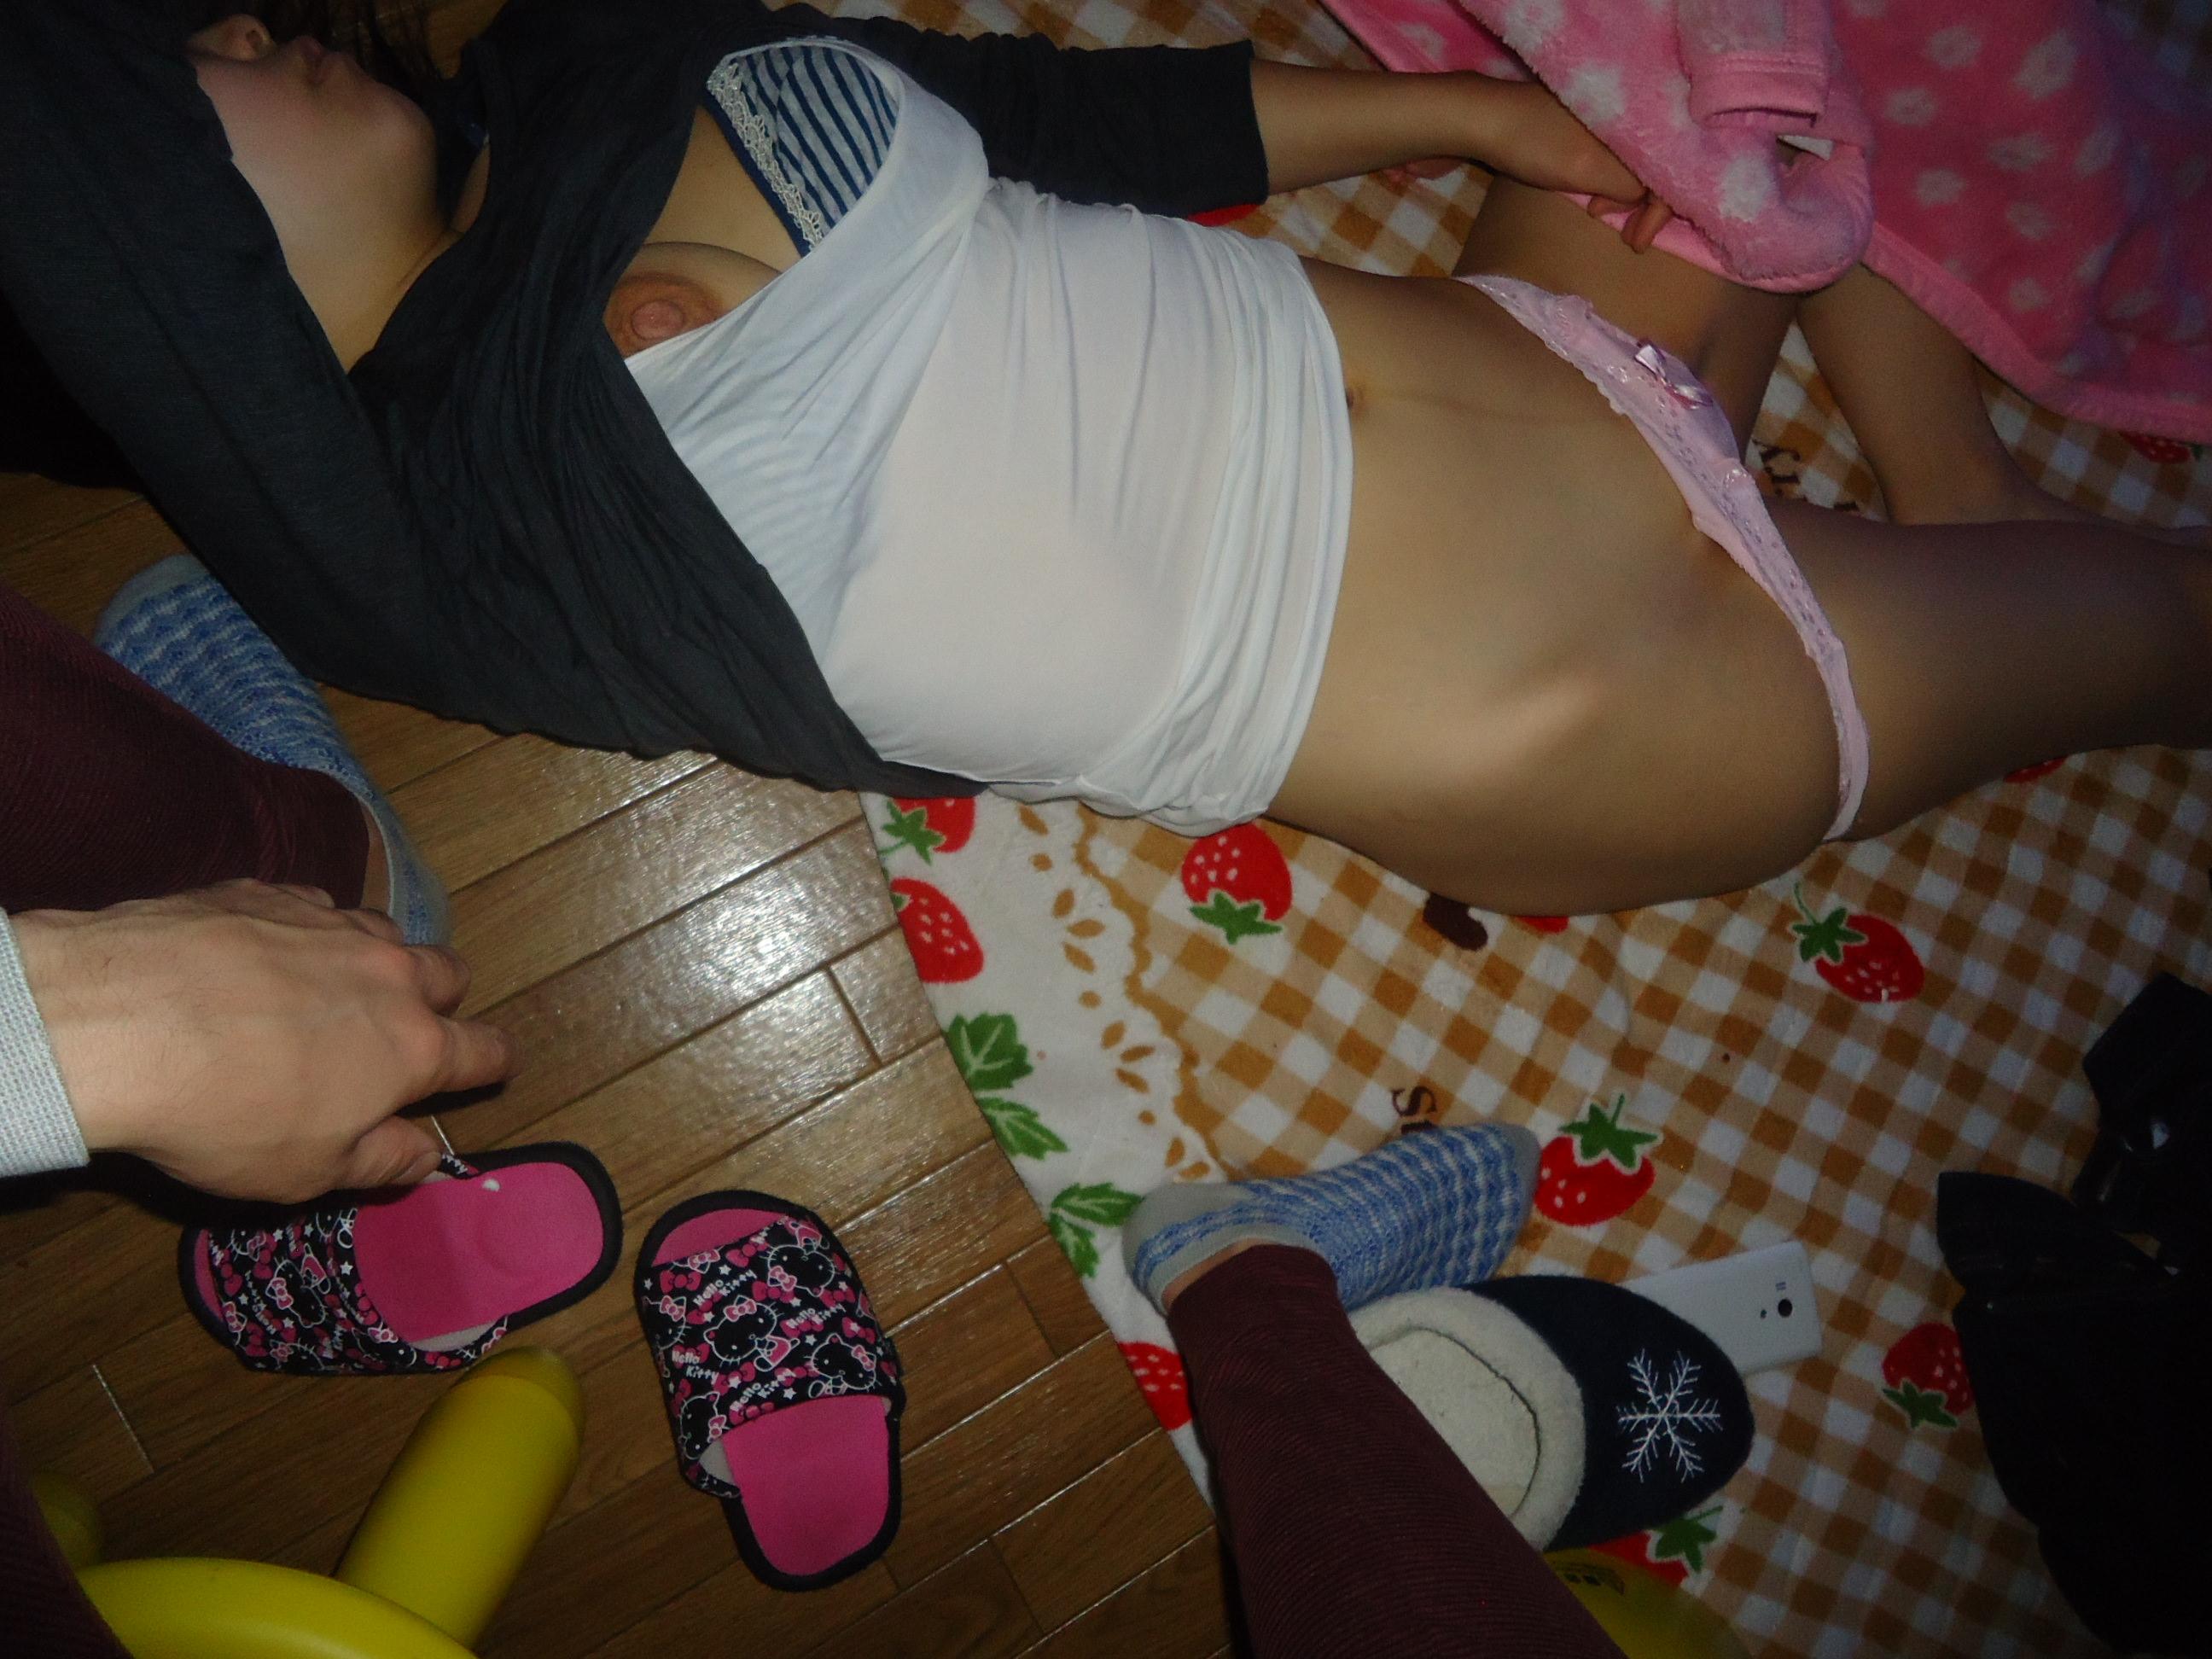 寝てる嫁や彼女にエッチなイタズラ!!!服をめくっておっぱい開放だぁーwwww 1968